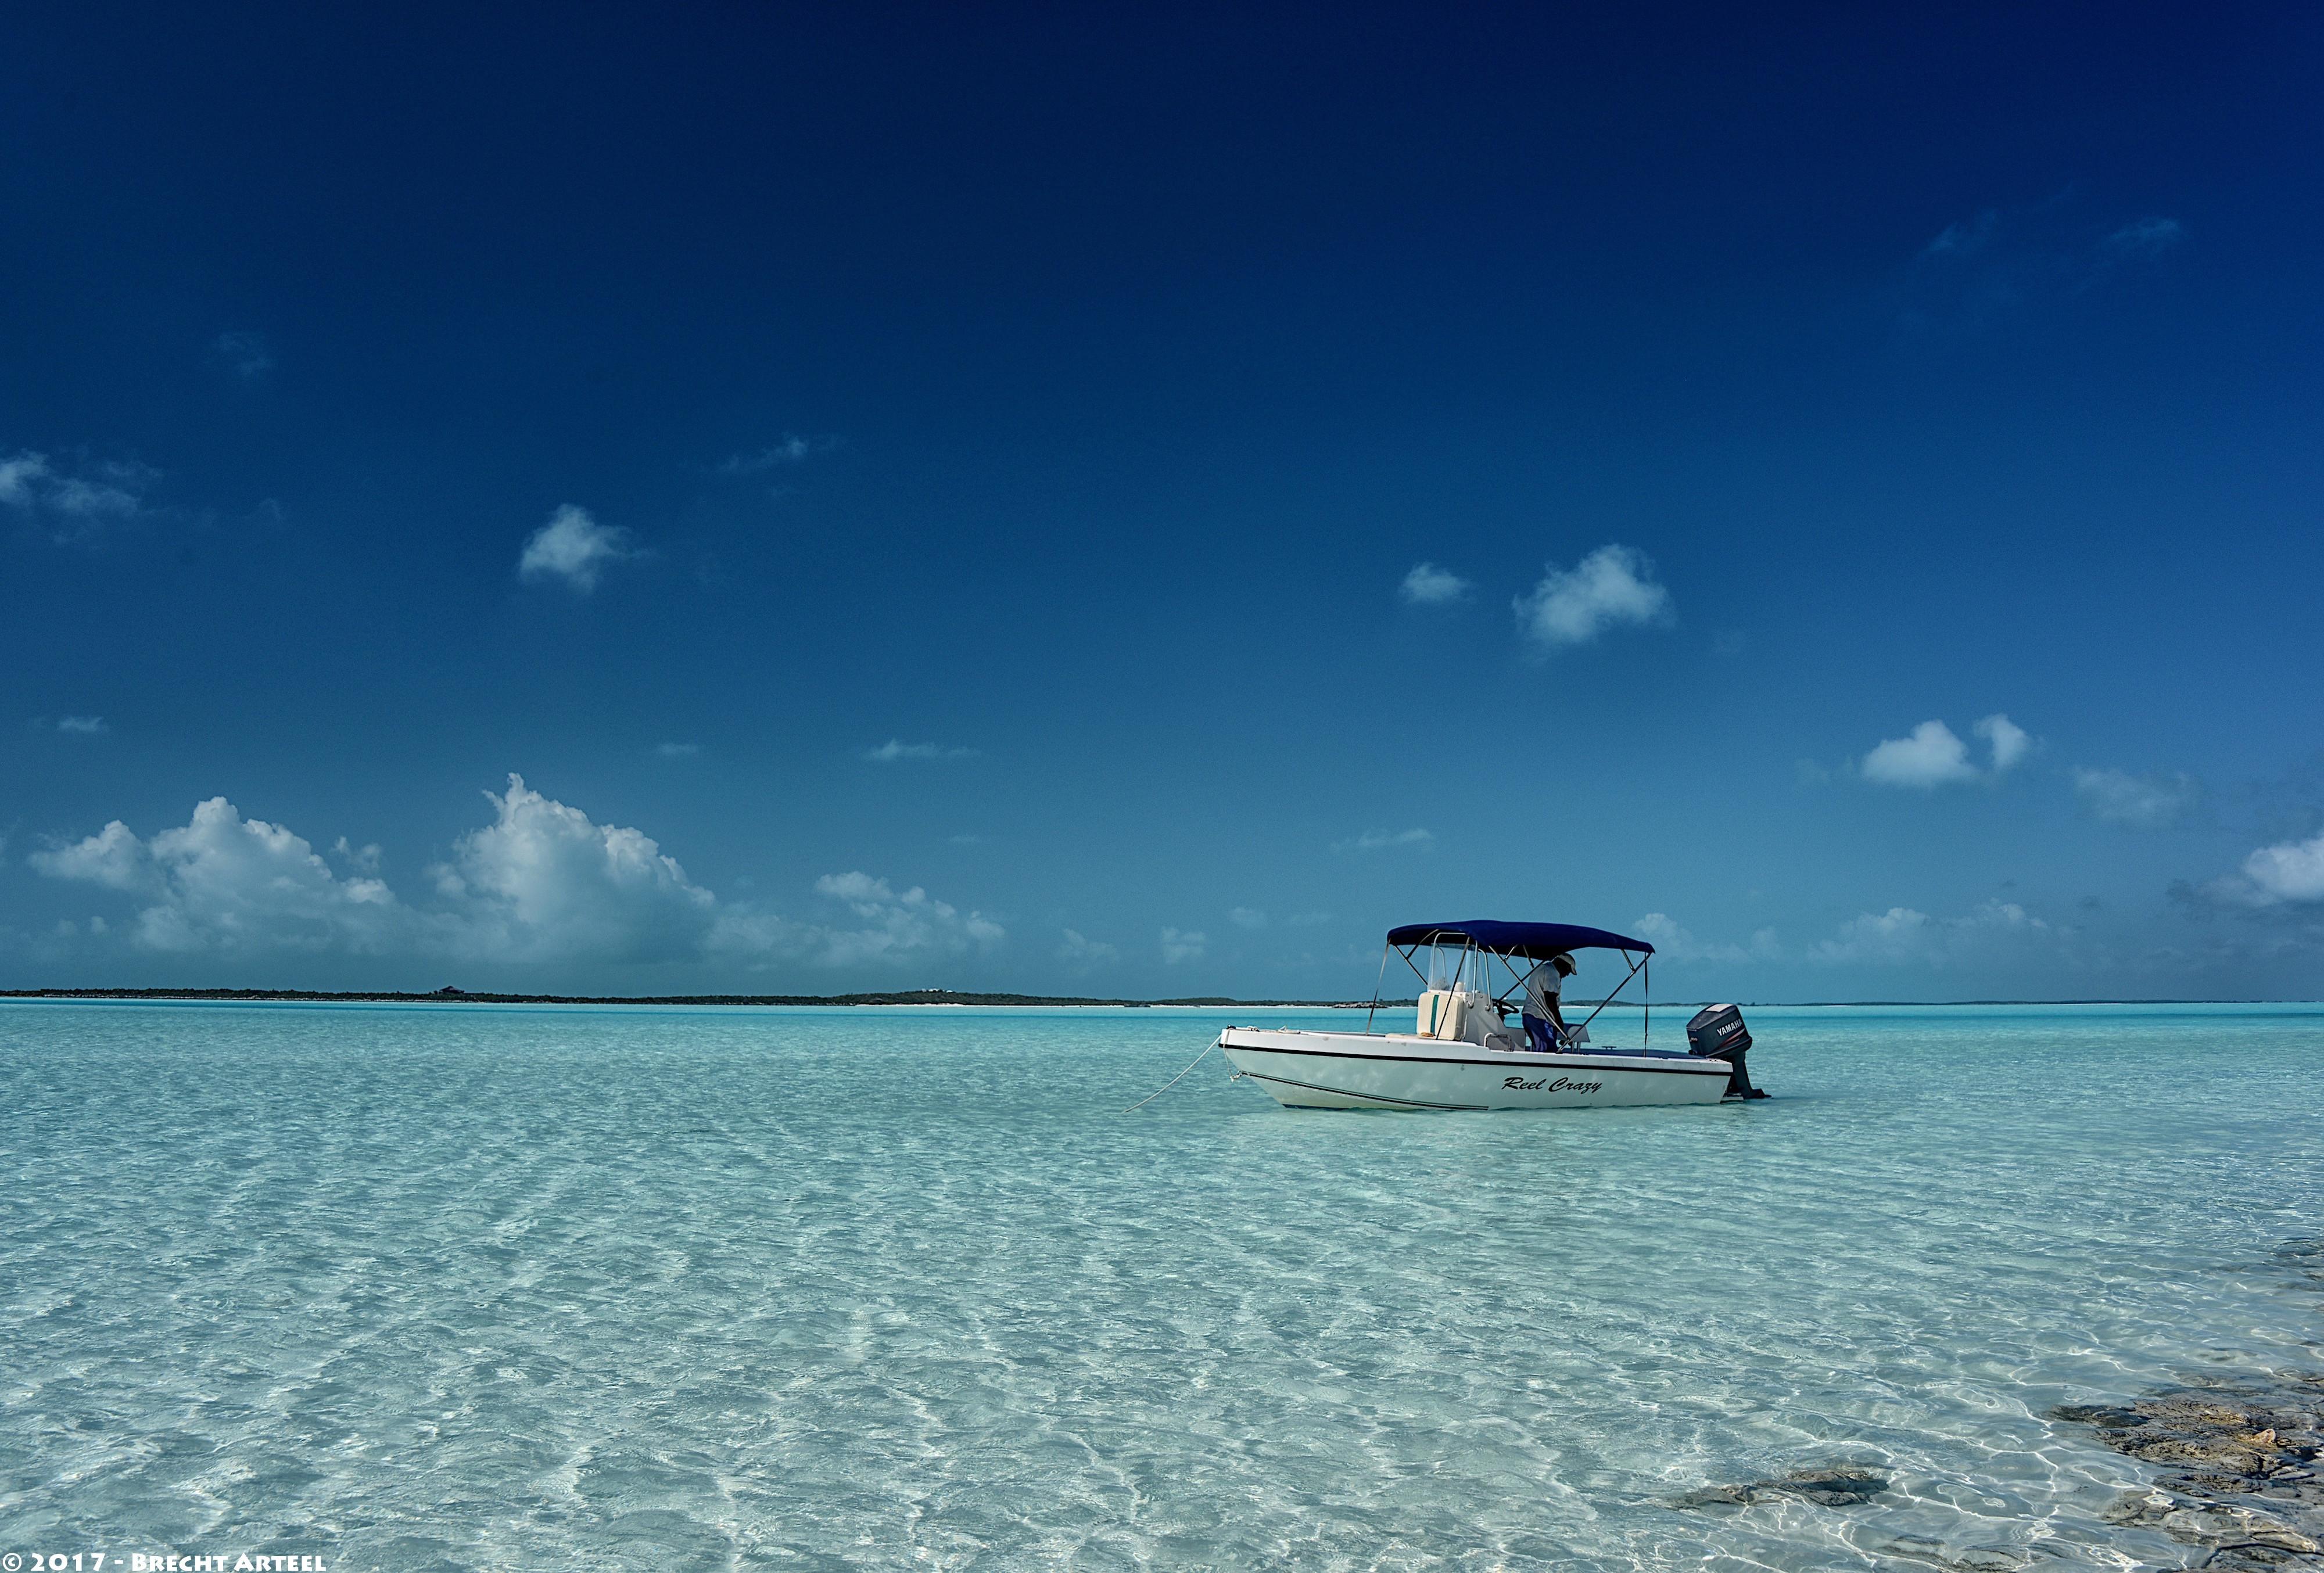 Capt. Robert's Sandy Cay Charter Tour